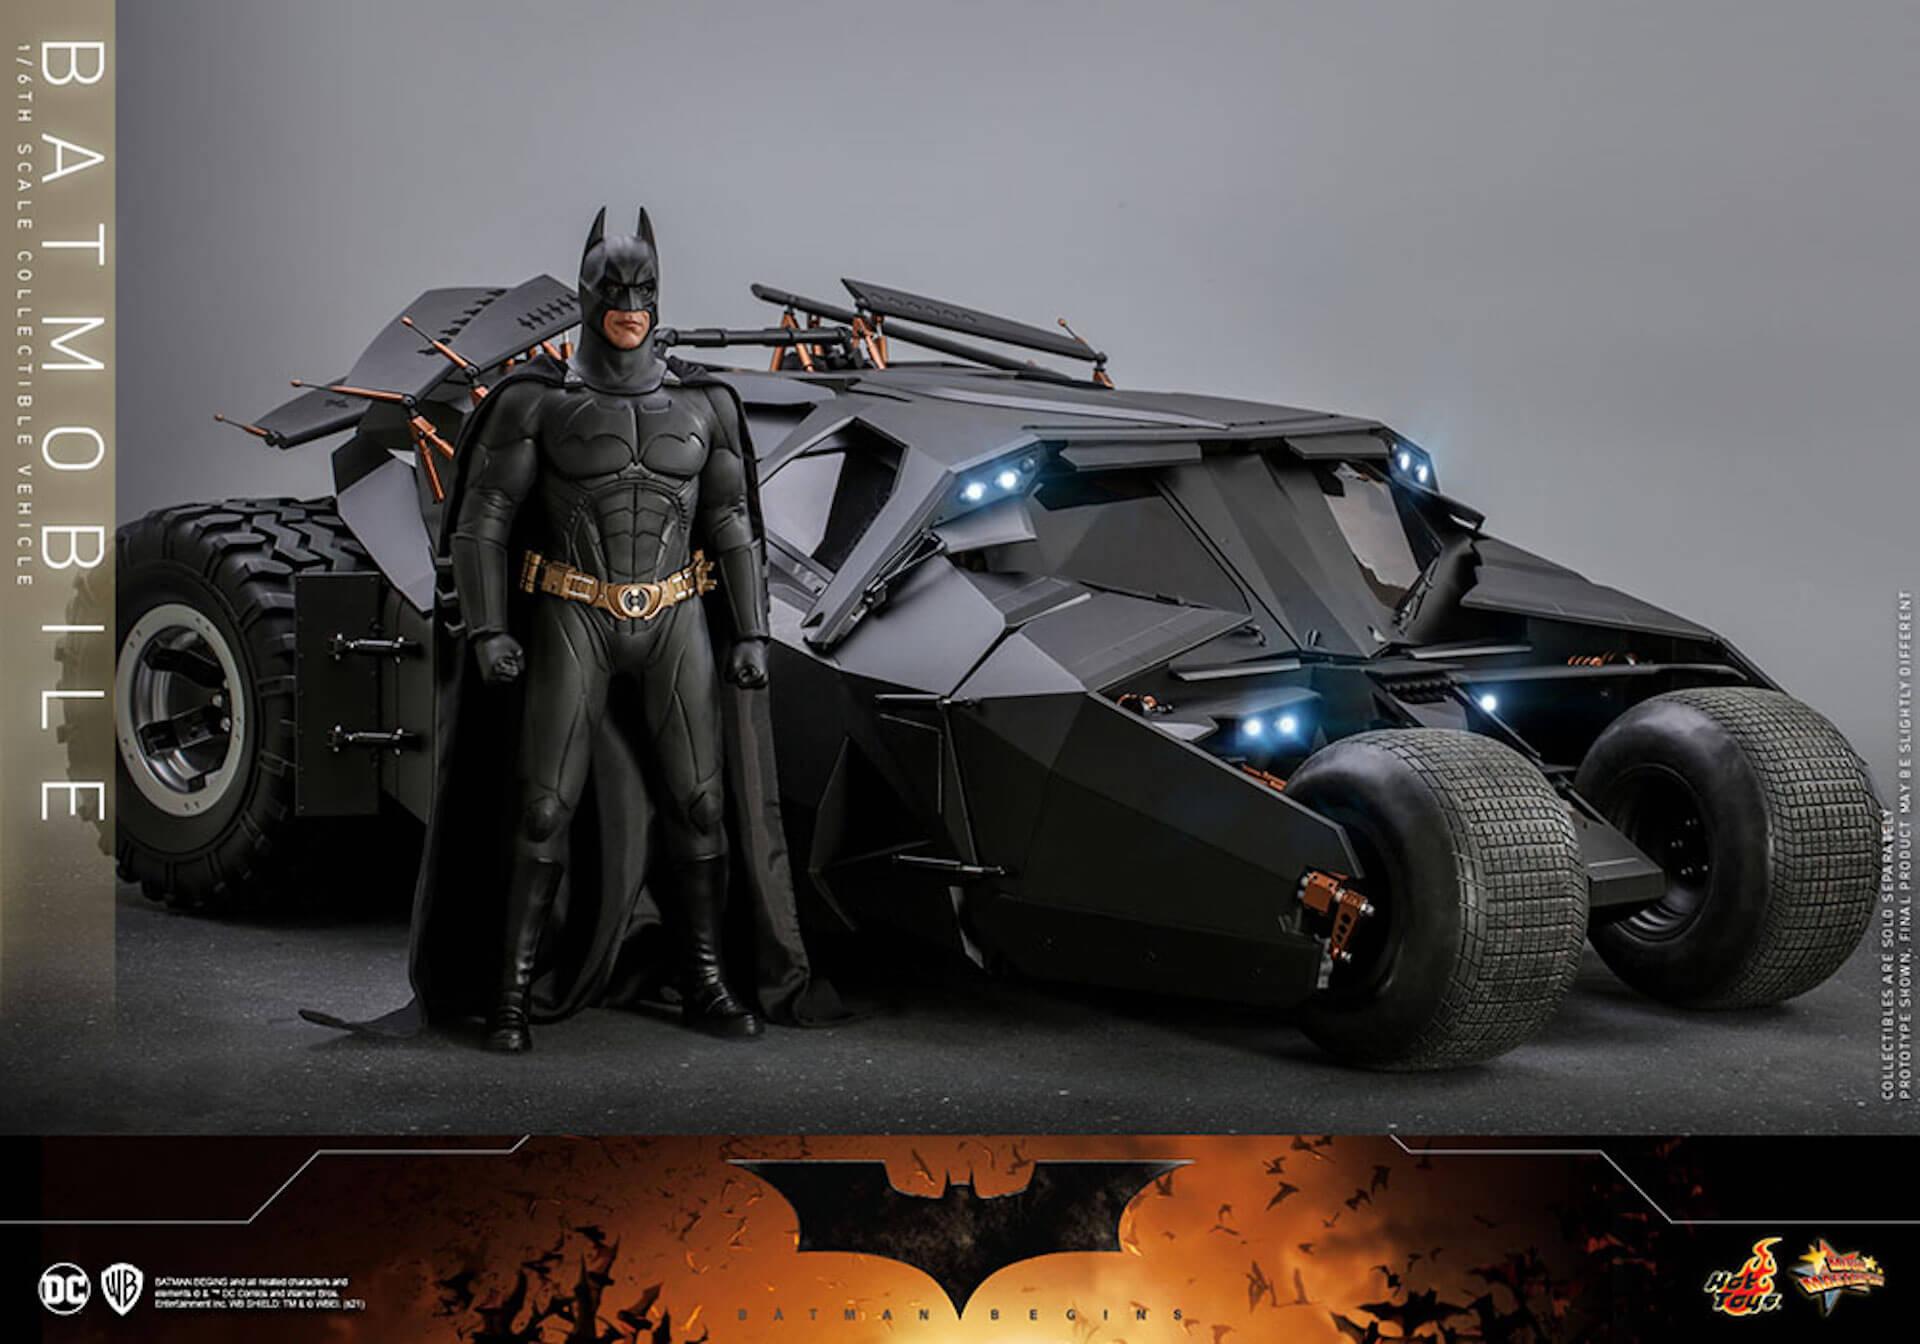 『バットマン ビギンズ』のバットマン&バットモービルが超精巧なフィギュアに!ホットトイズから発売決定 art210401_hottoys_batmanbegins_1